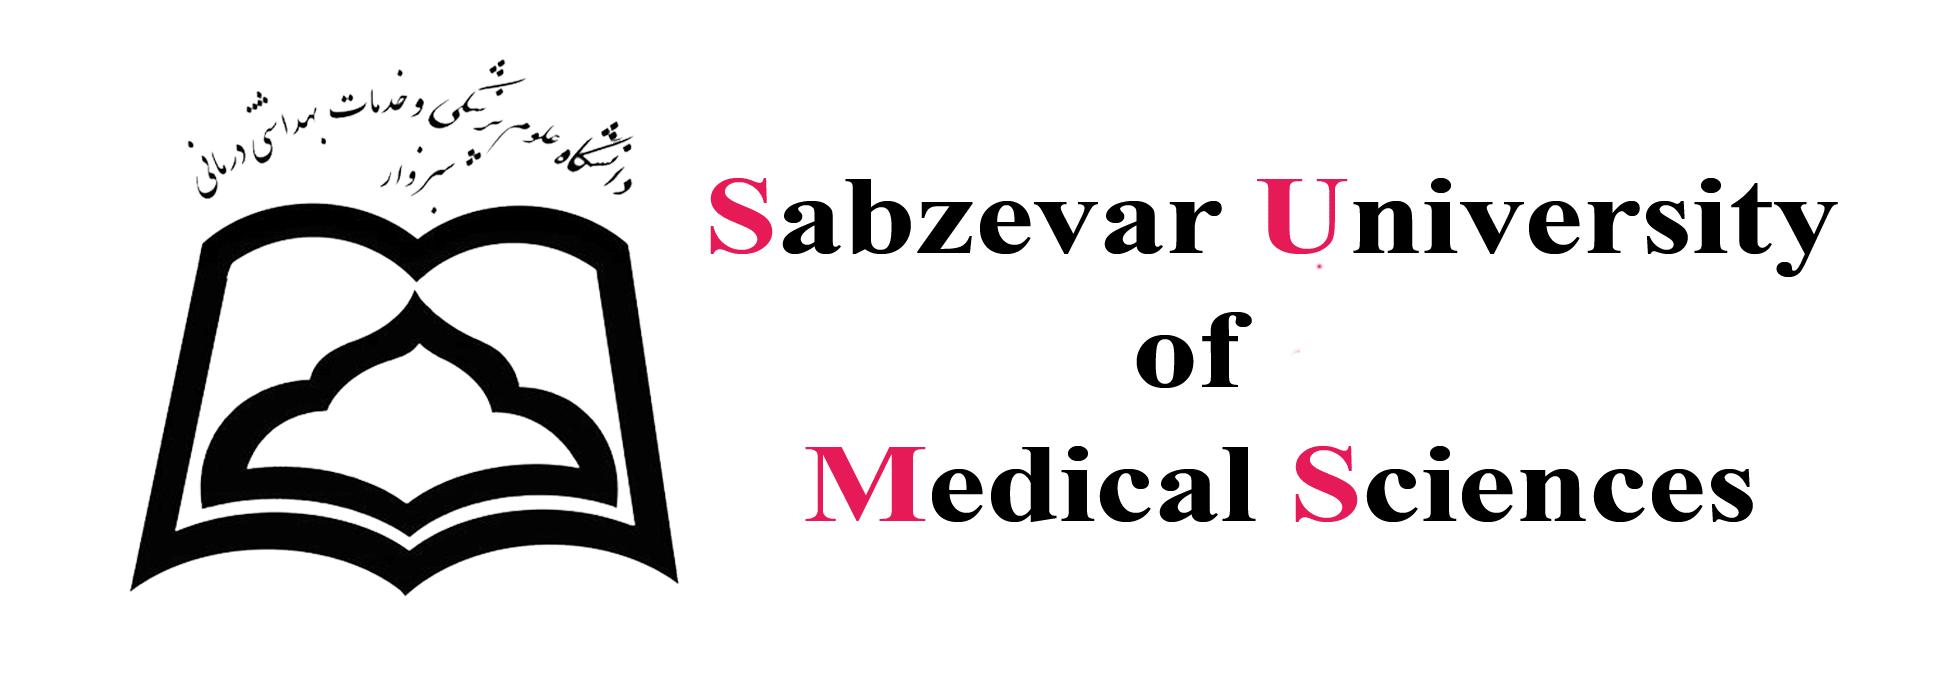 Sabzevar University of Medical Sciences